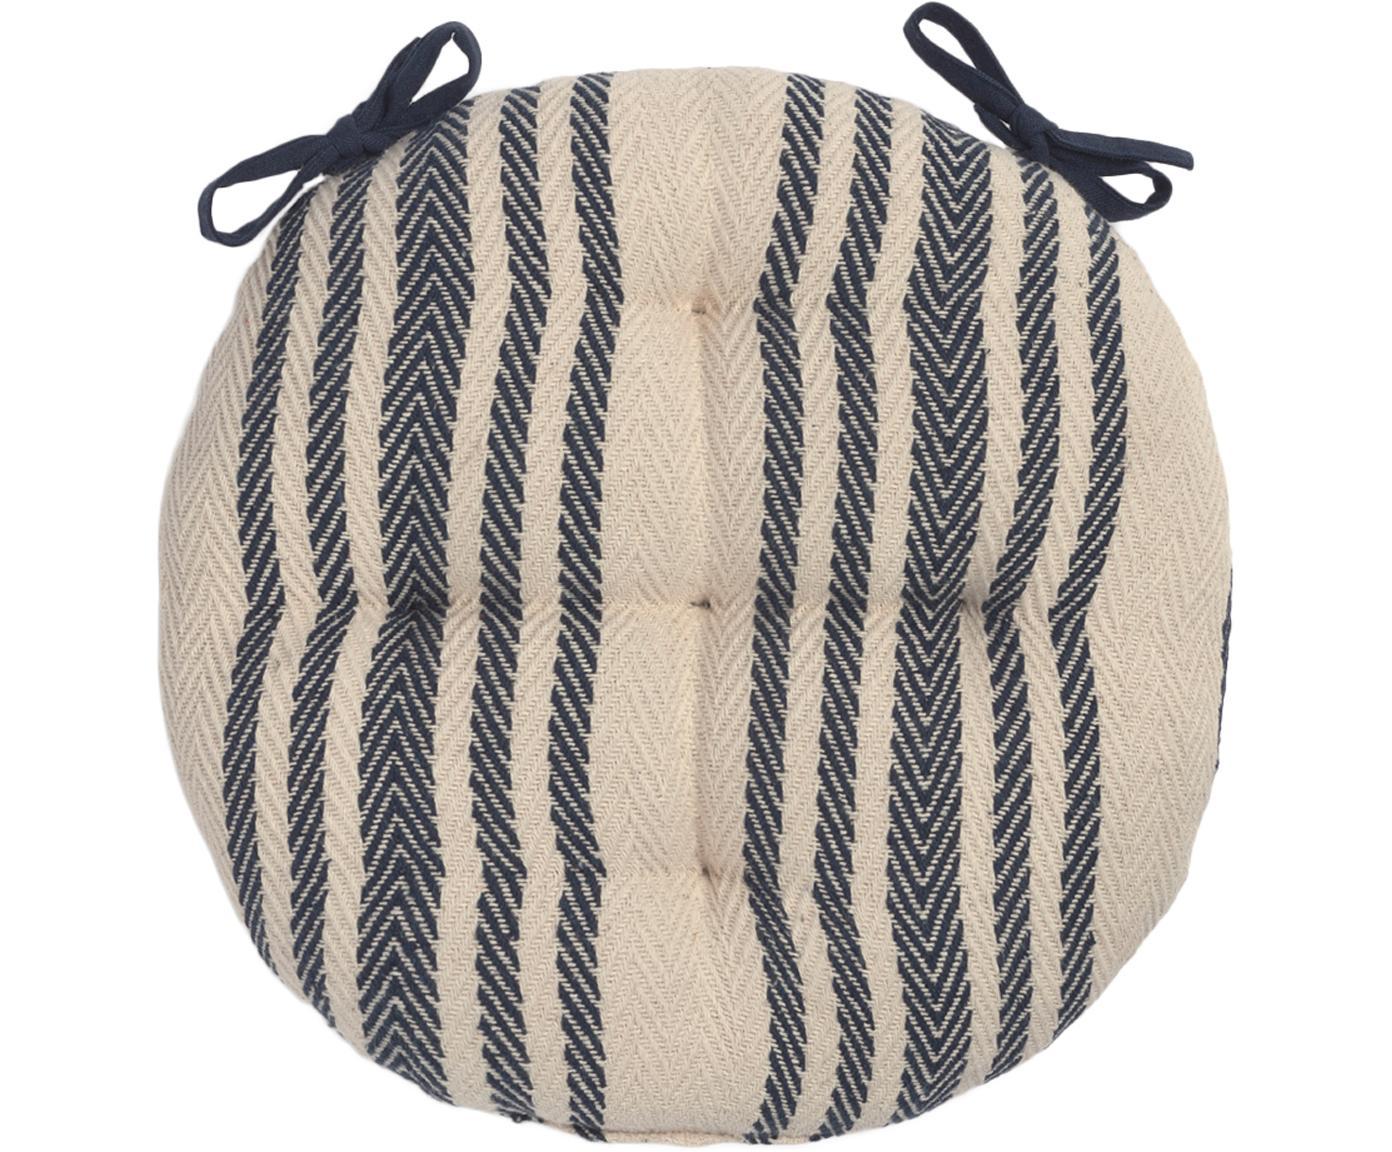 Okrągła poduszka na siedzisko Puket, paski, Ciemny niebieski, biały, Ø 40 cm